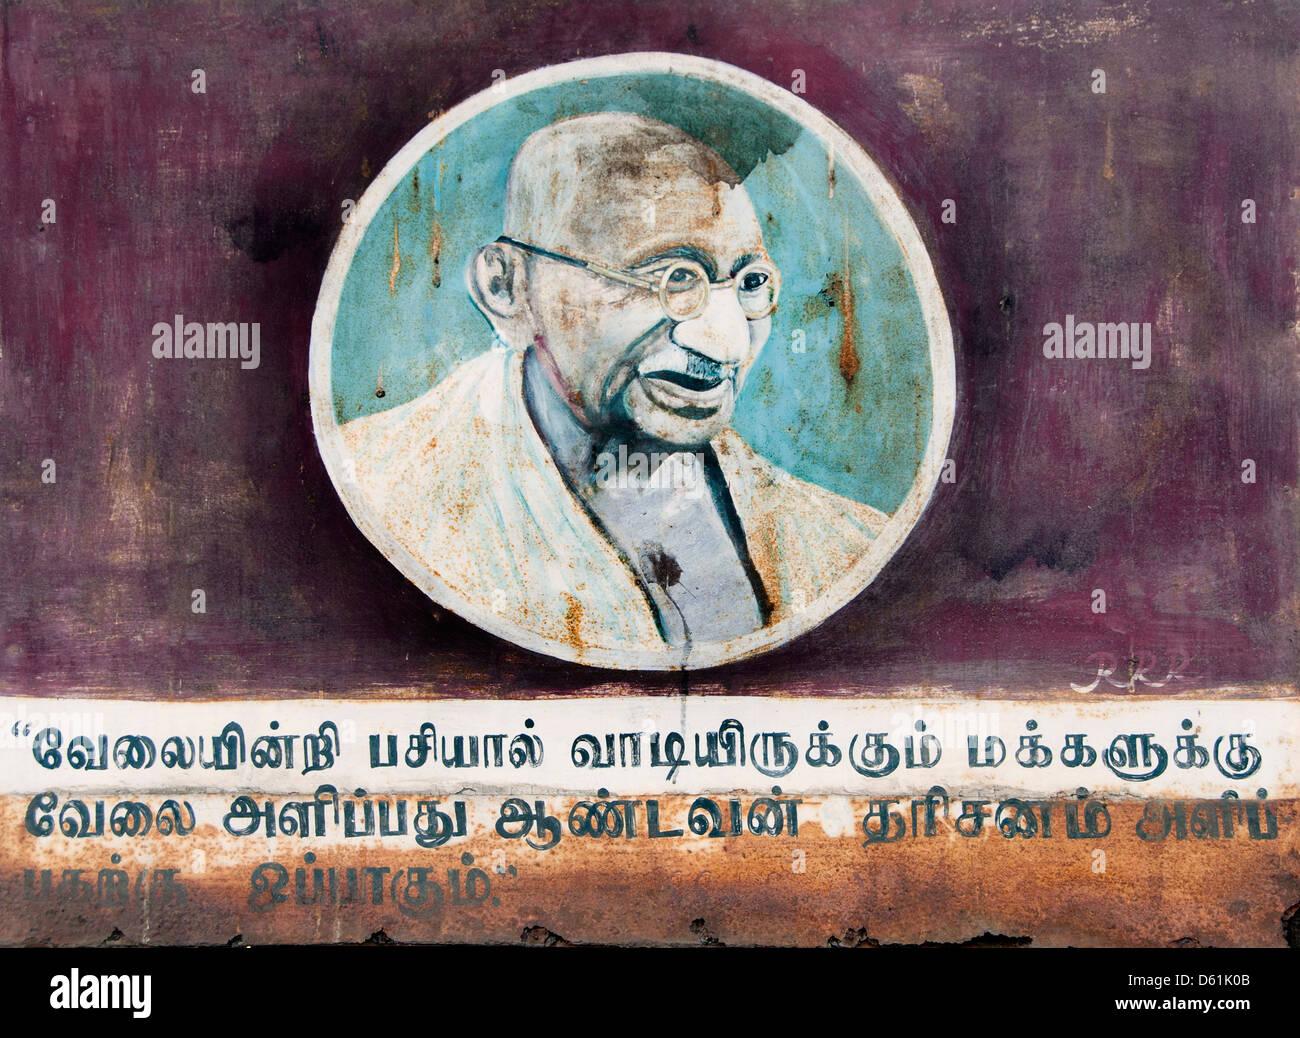 Mohandas Karamchand Gandhi 1869 – 1948 Mahatma Gandhi India India Wall Painting in Puducherry ( Pondicherry ) India - Stock Image